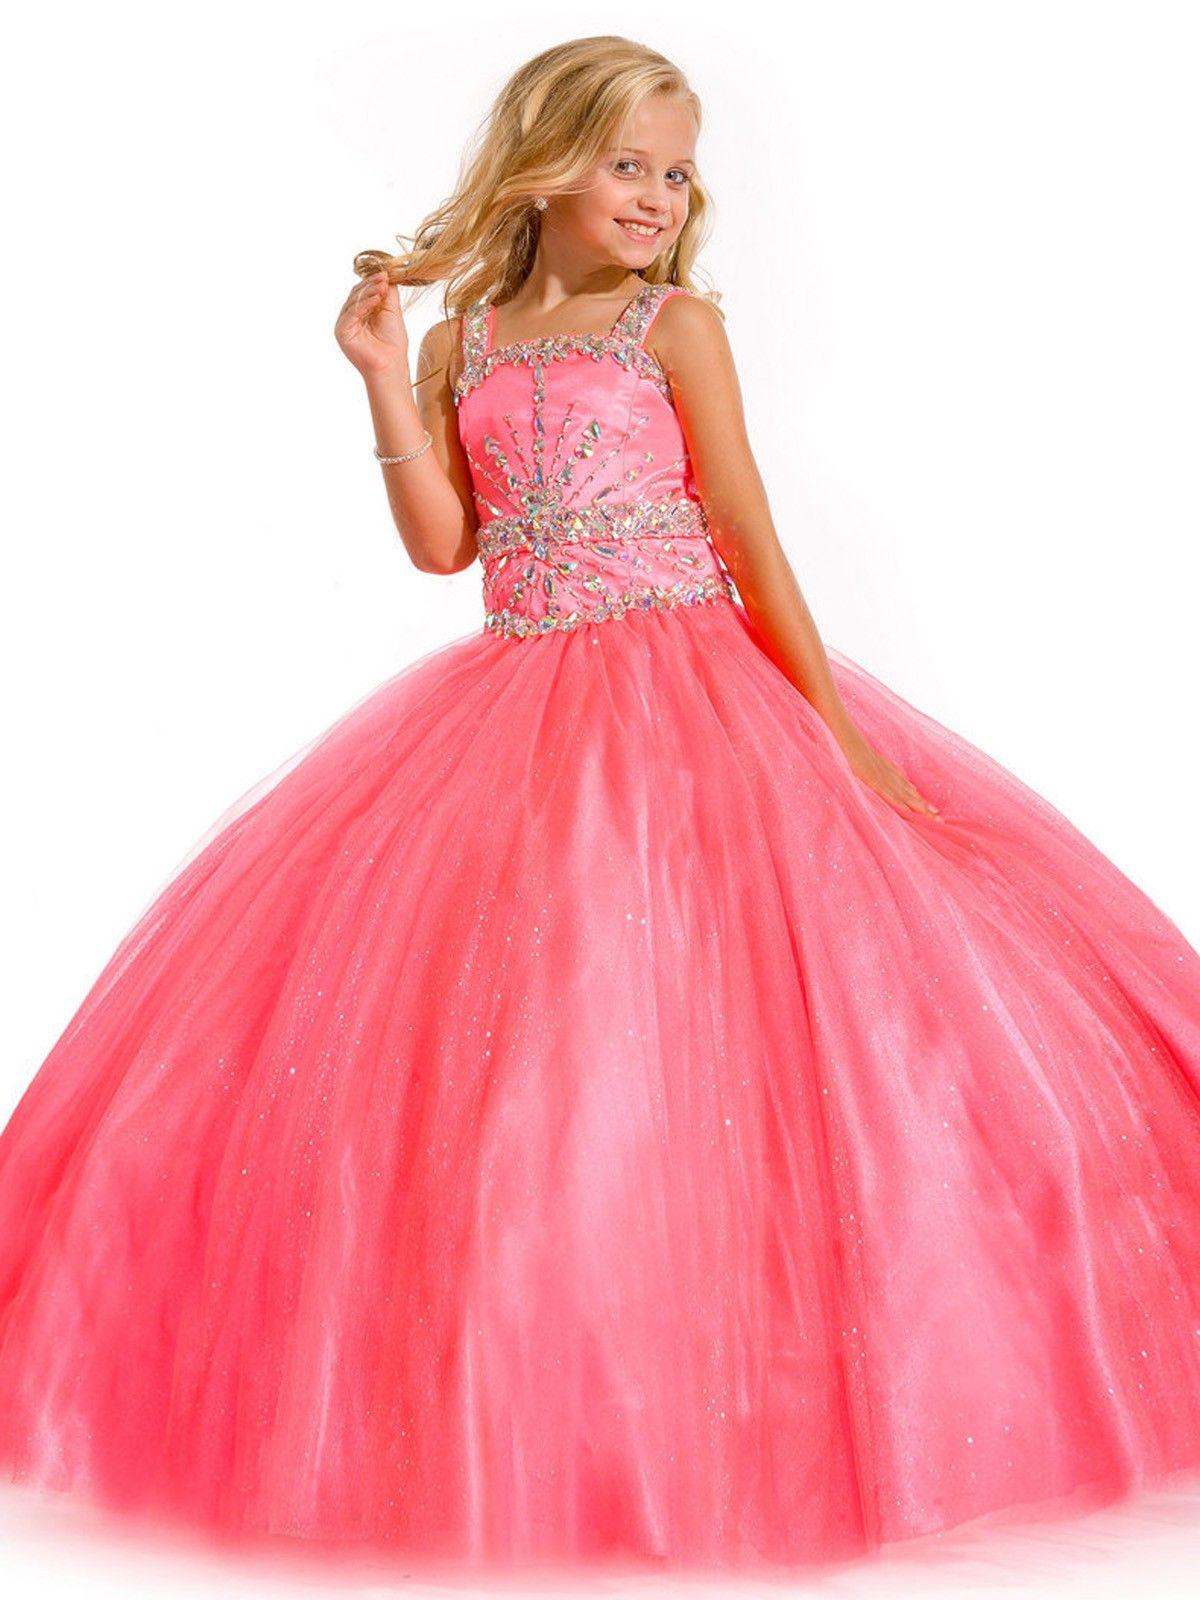 Taffeta Pink Ball Gown Girls Pageant Dress | Flower Girl Dresses Pageant Dresses Girls Formal ...